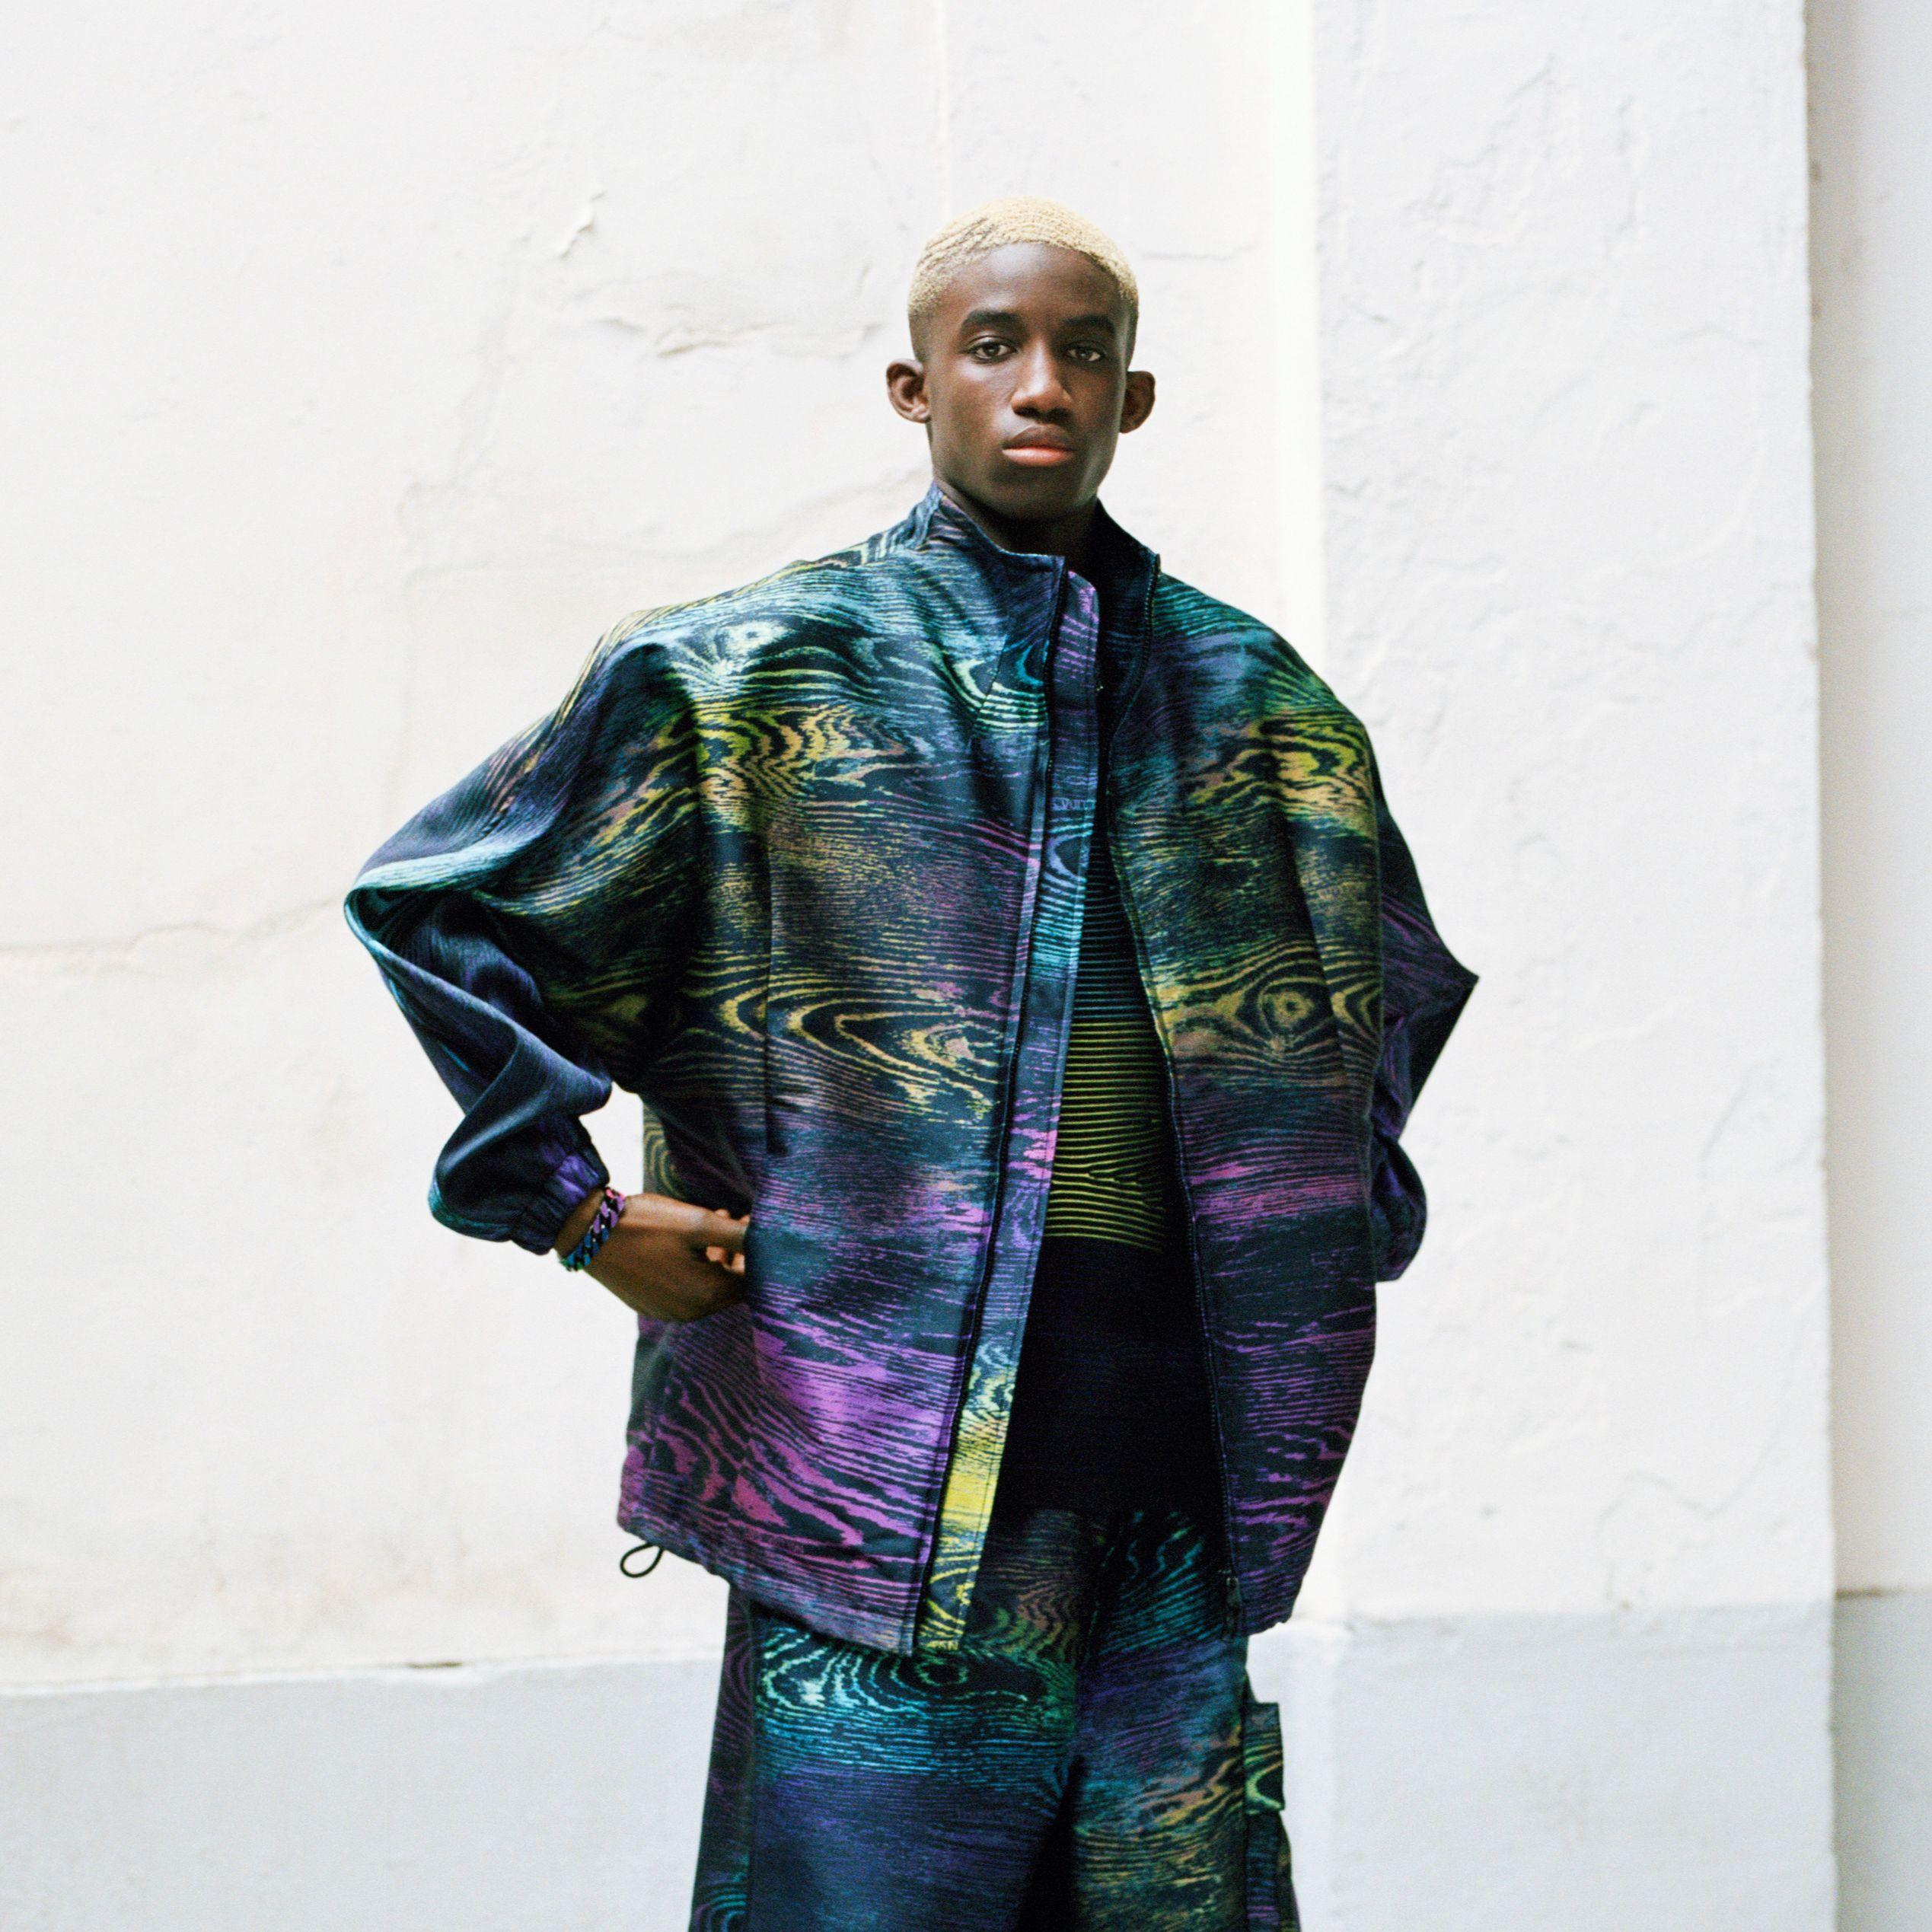 多風格運動樣貌─Louis Vuitton 2020 早春系列